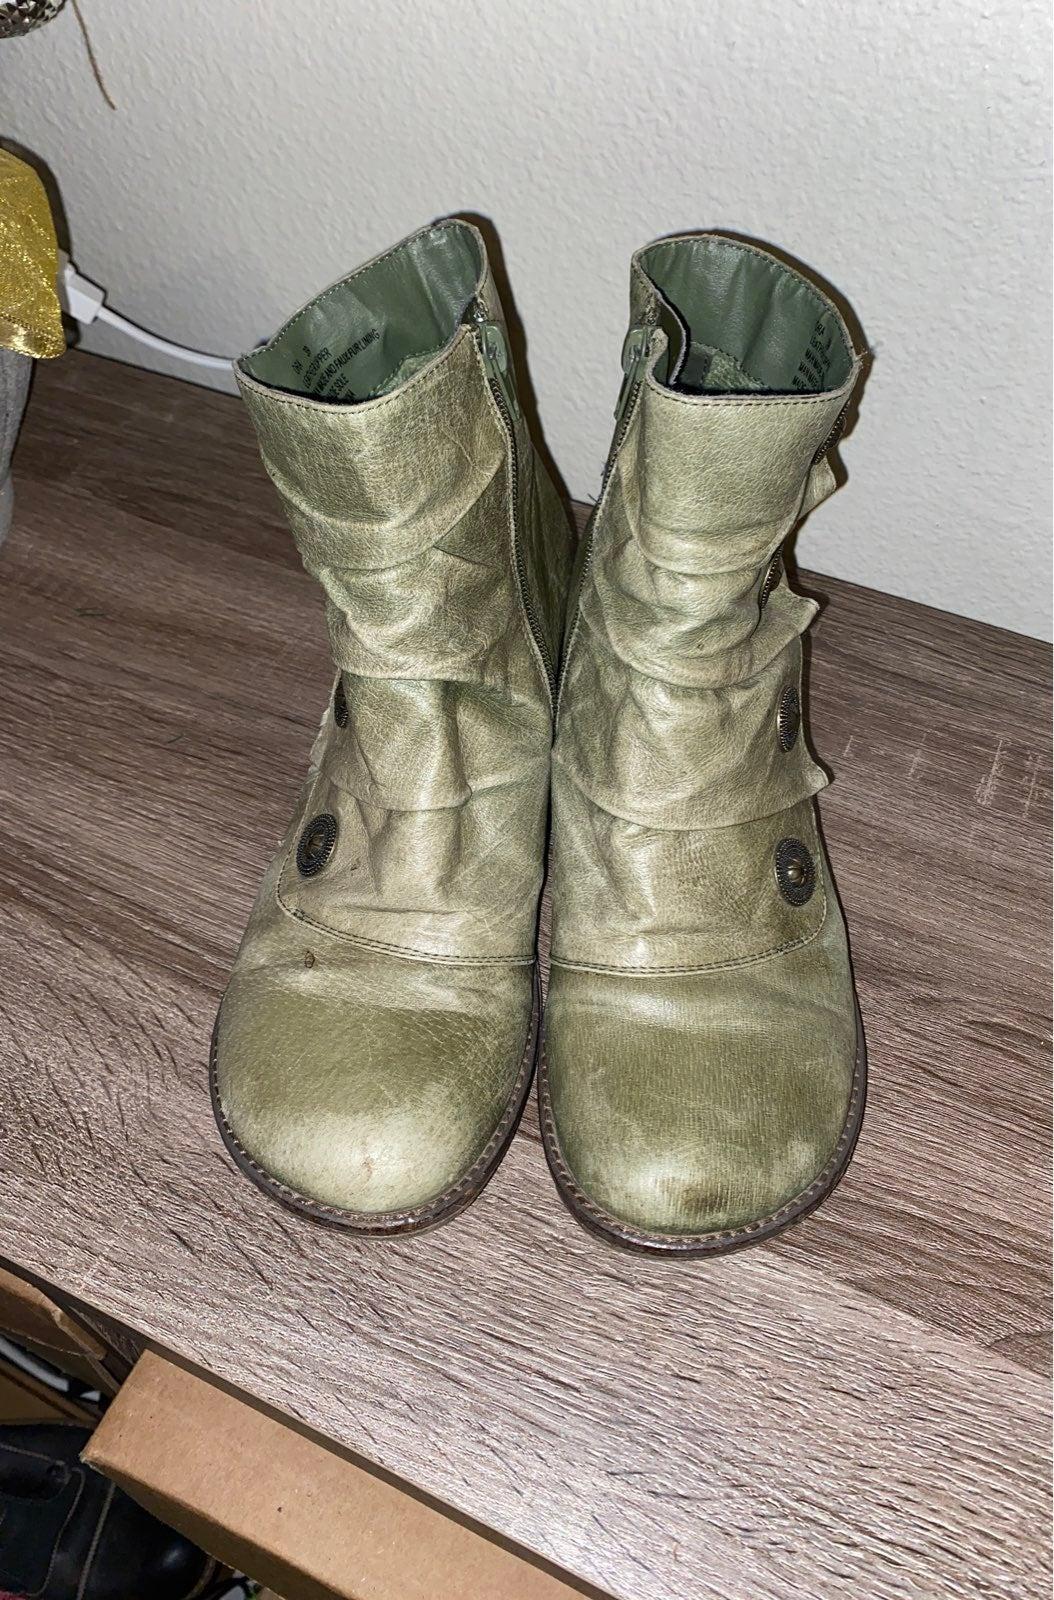 miz mooz ankle boots